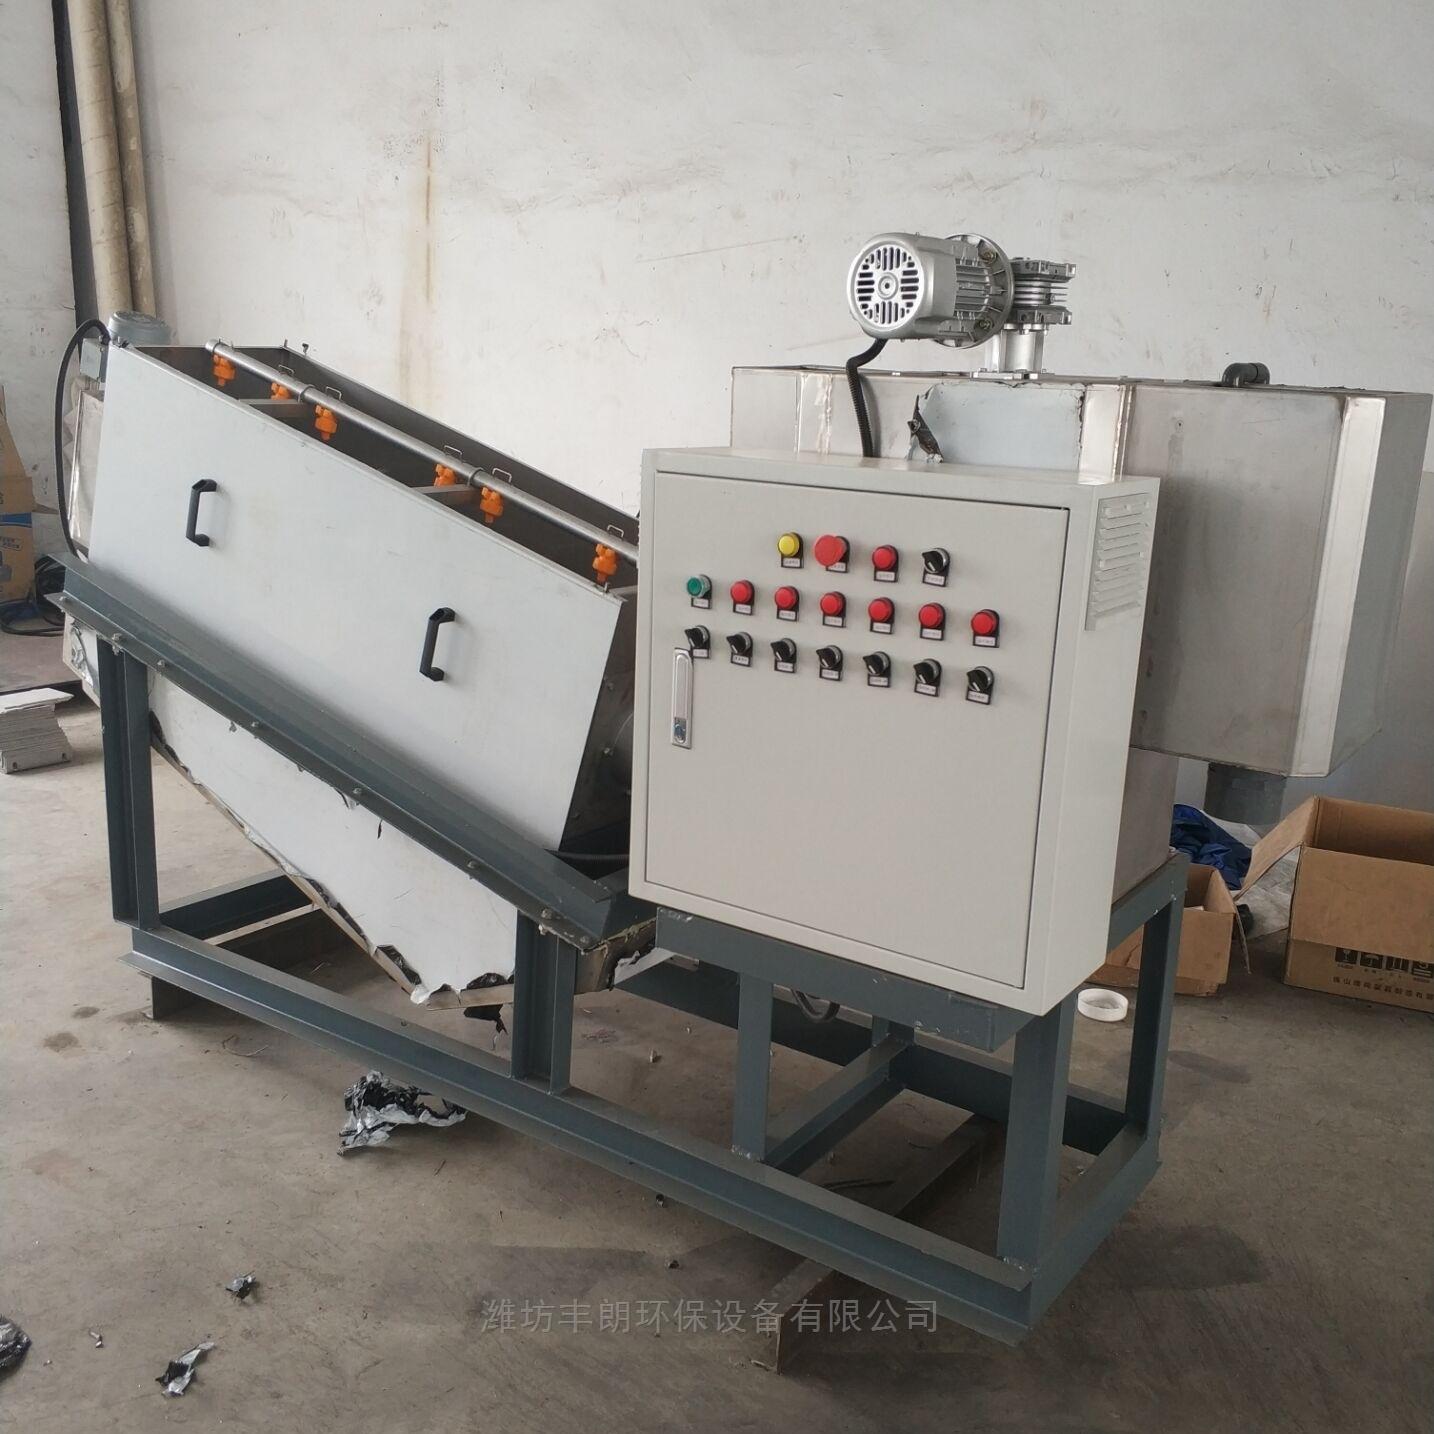 不锈钢节能叠螺污泥压缩机厂家